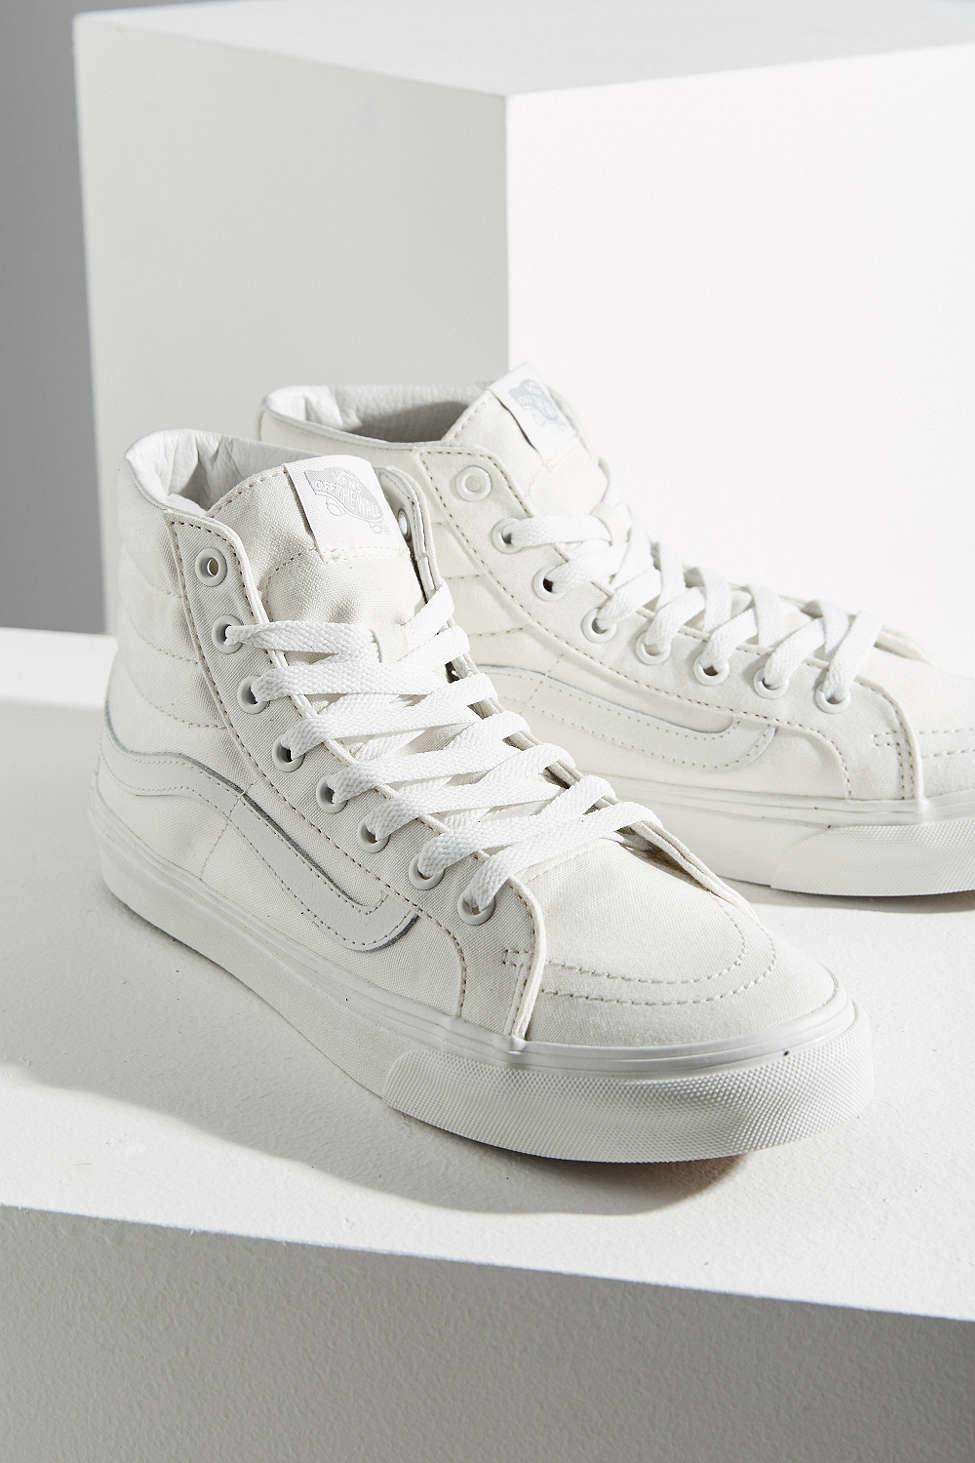 lyst vans blanc sk8 hi slim sneaker in natural for men. Black Bedroom Furniture Sets. Home Design Ideas